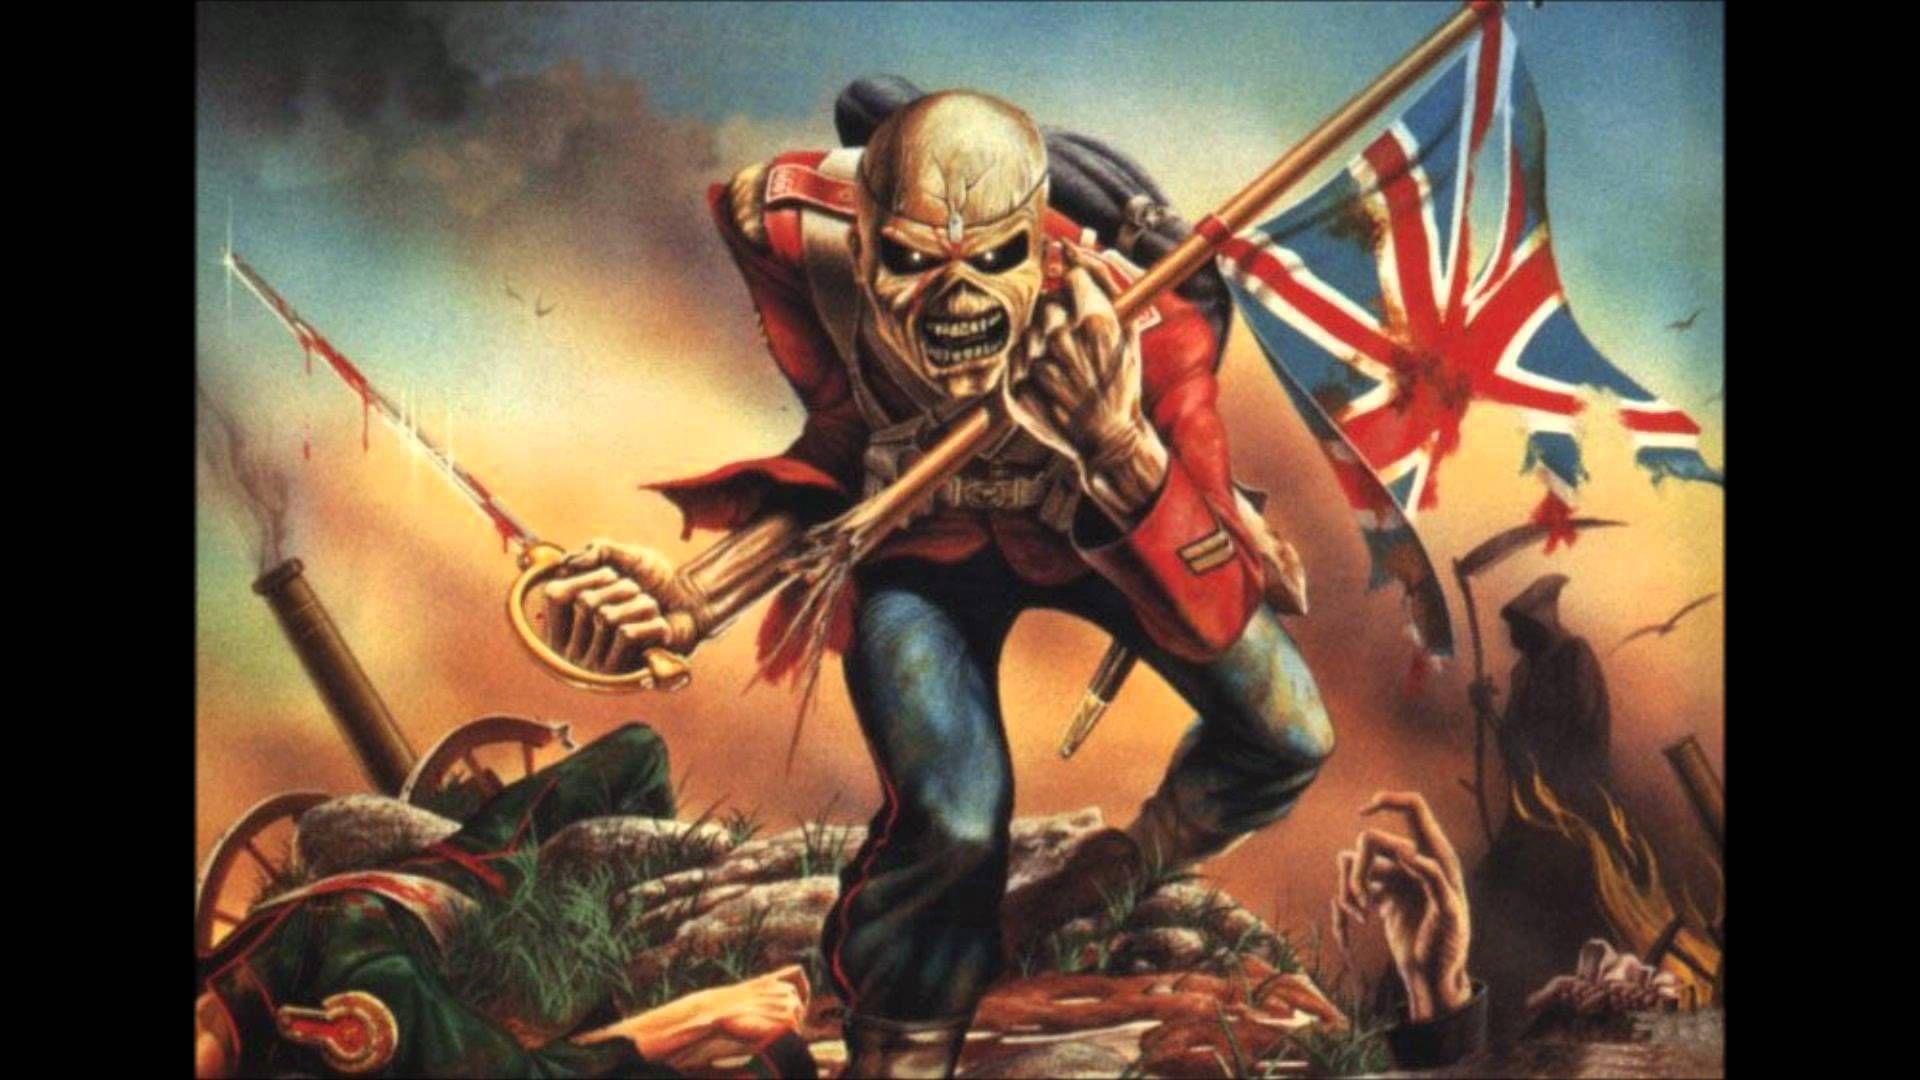 Iron Maiden- The Trooper (HD with Lyrics) | Music | Iron